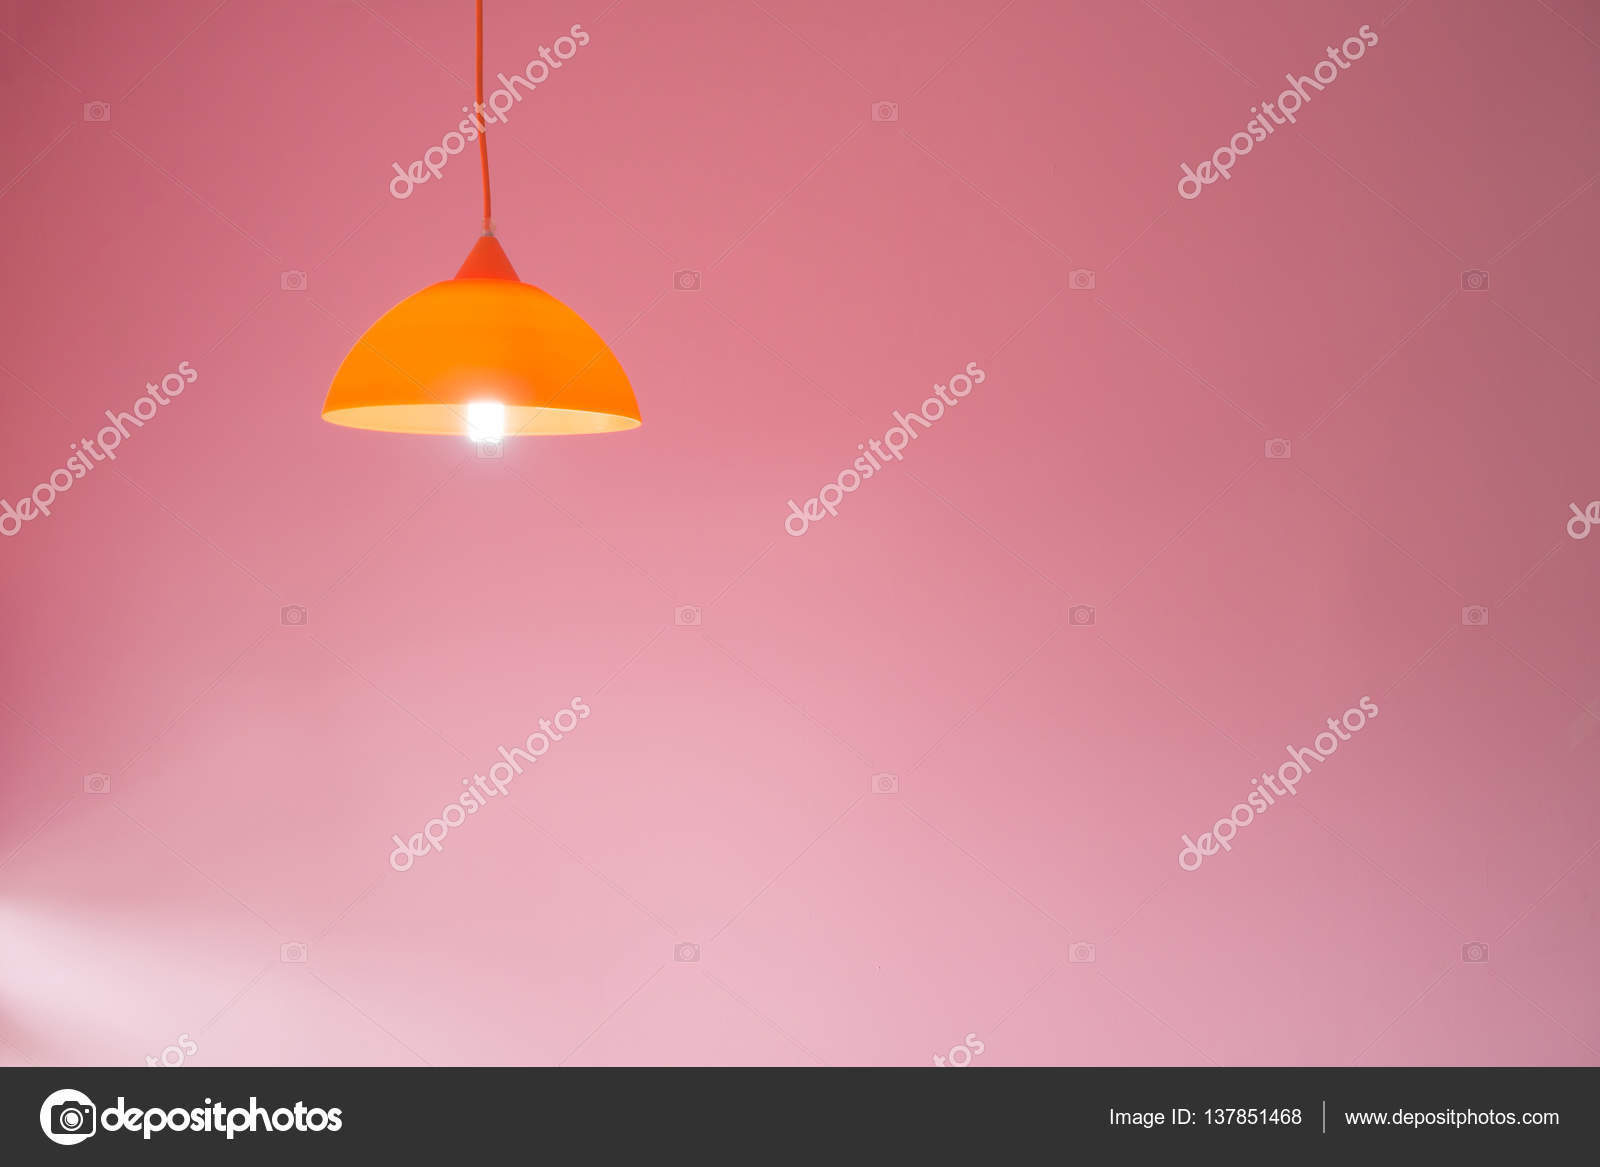 Plafoniere Gialla : Plafoniere moderne con parete di cemento rosa u foto stock